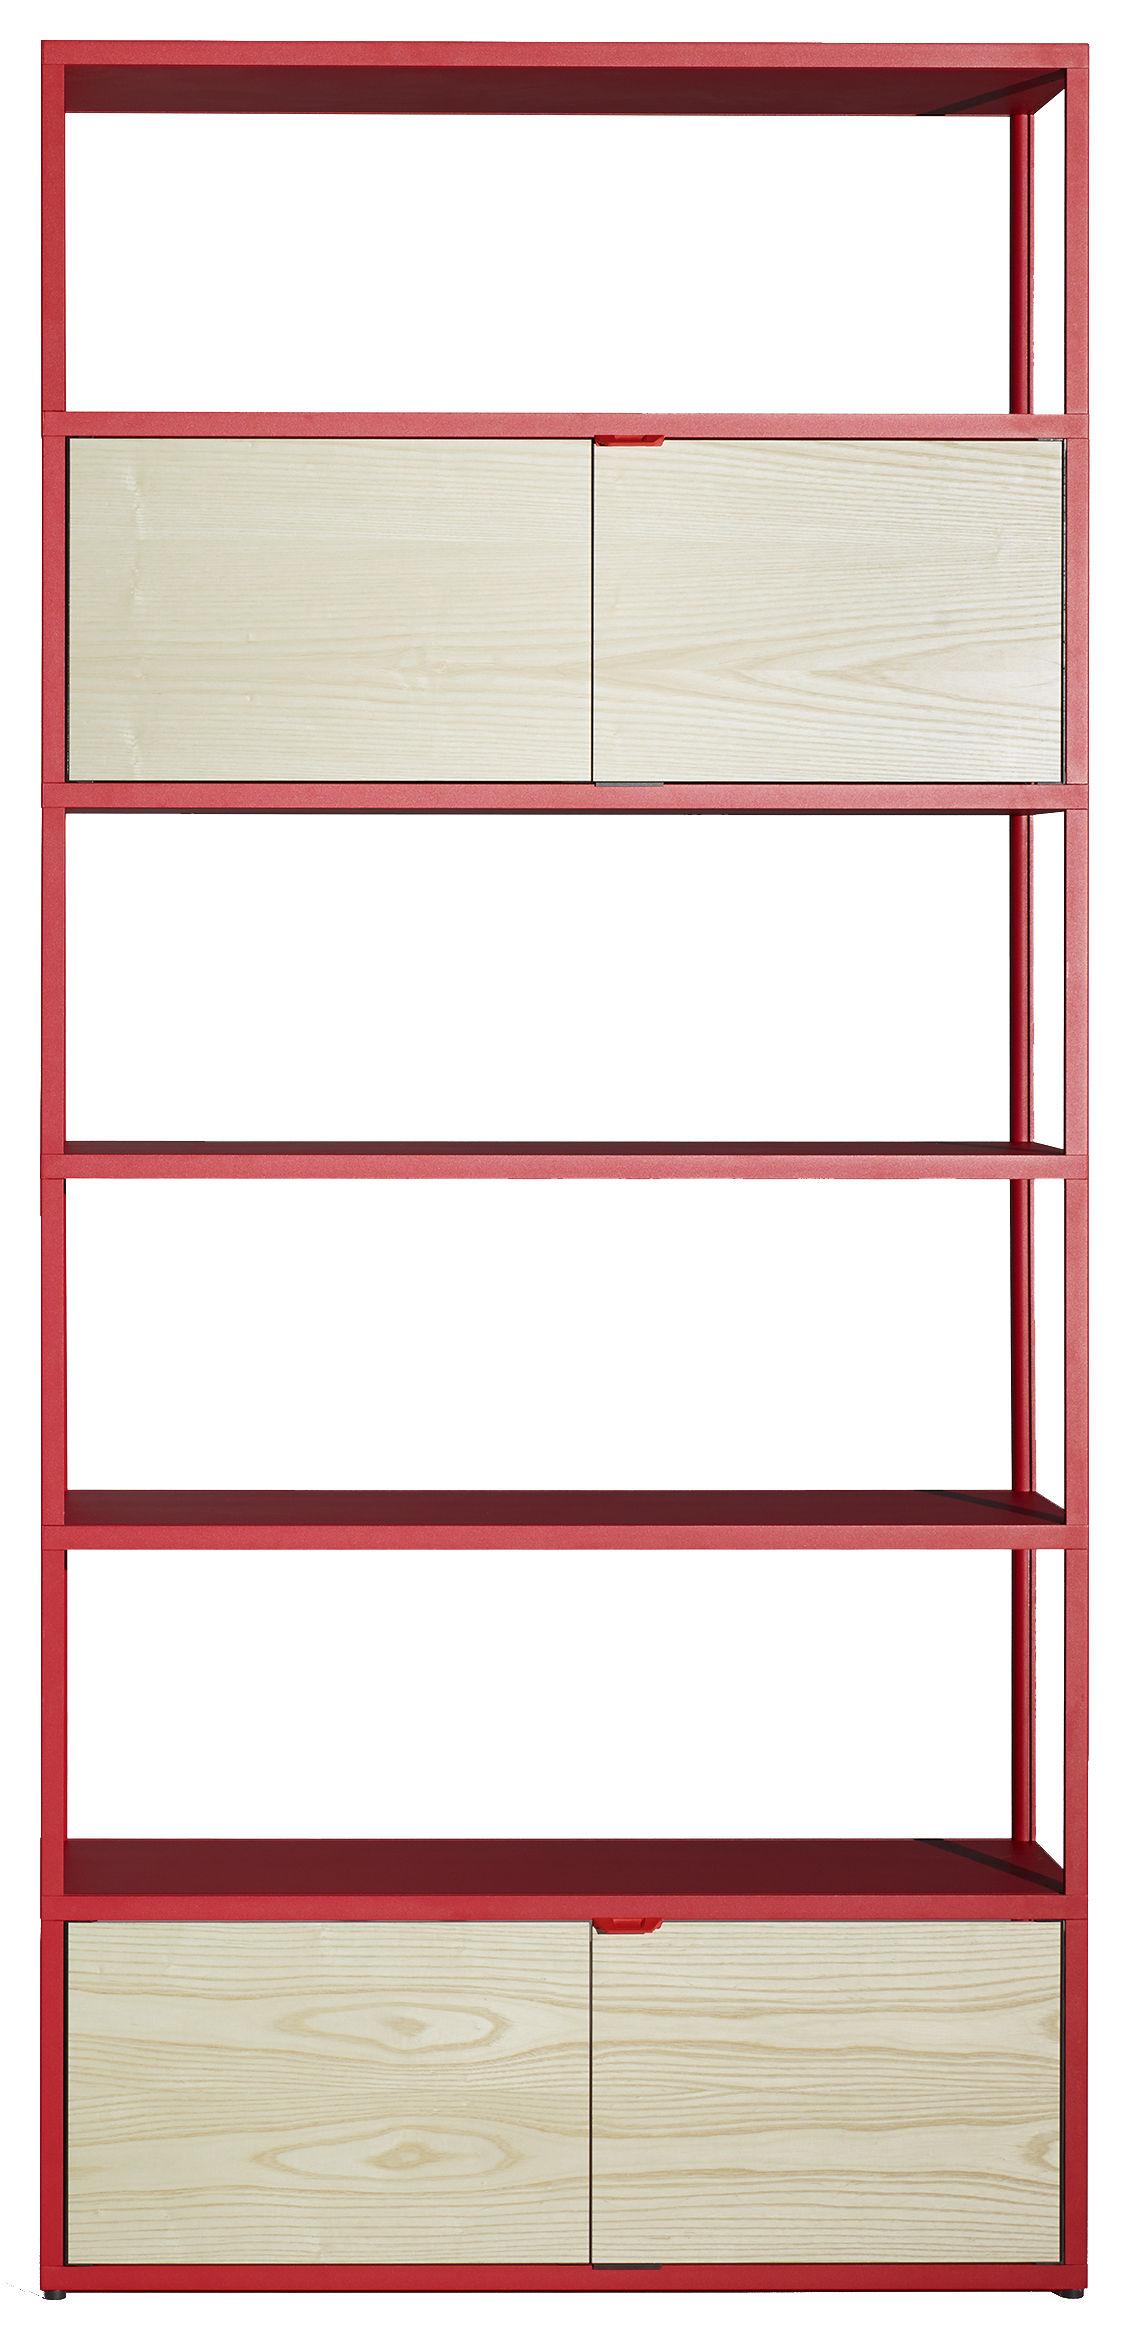 Möbel - Regale und Bücherregale - New Order Bücherregal / L 100 x H 215 cm - Hay - Rot / Schrankelemente aus Esche natur - bemaltes Aluminium, Frêne naturel